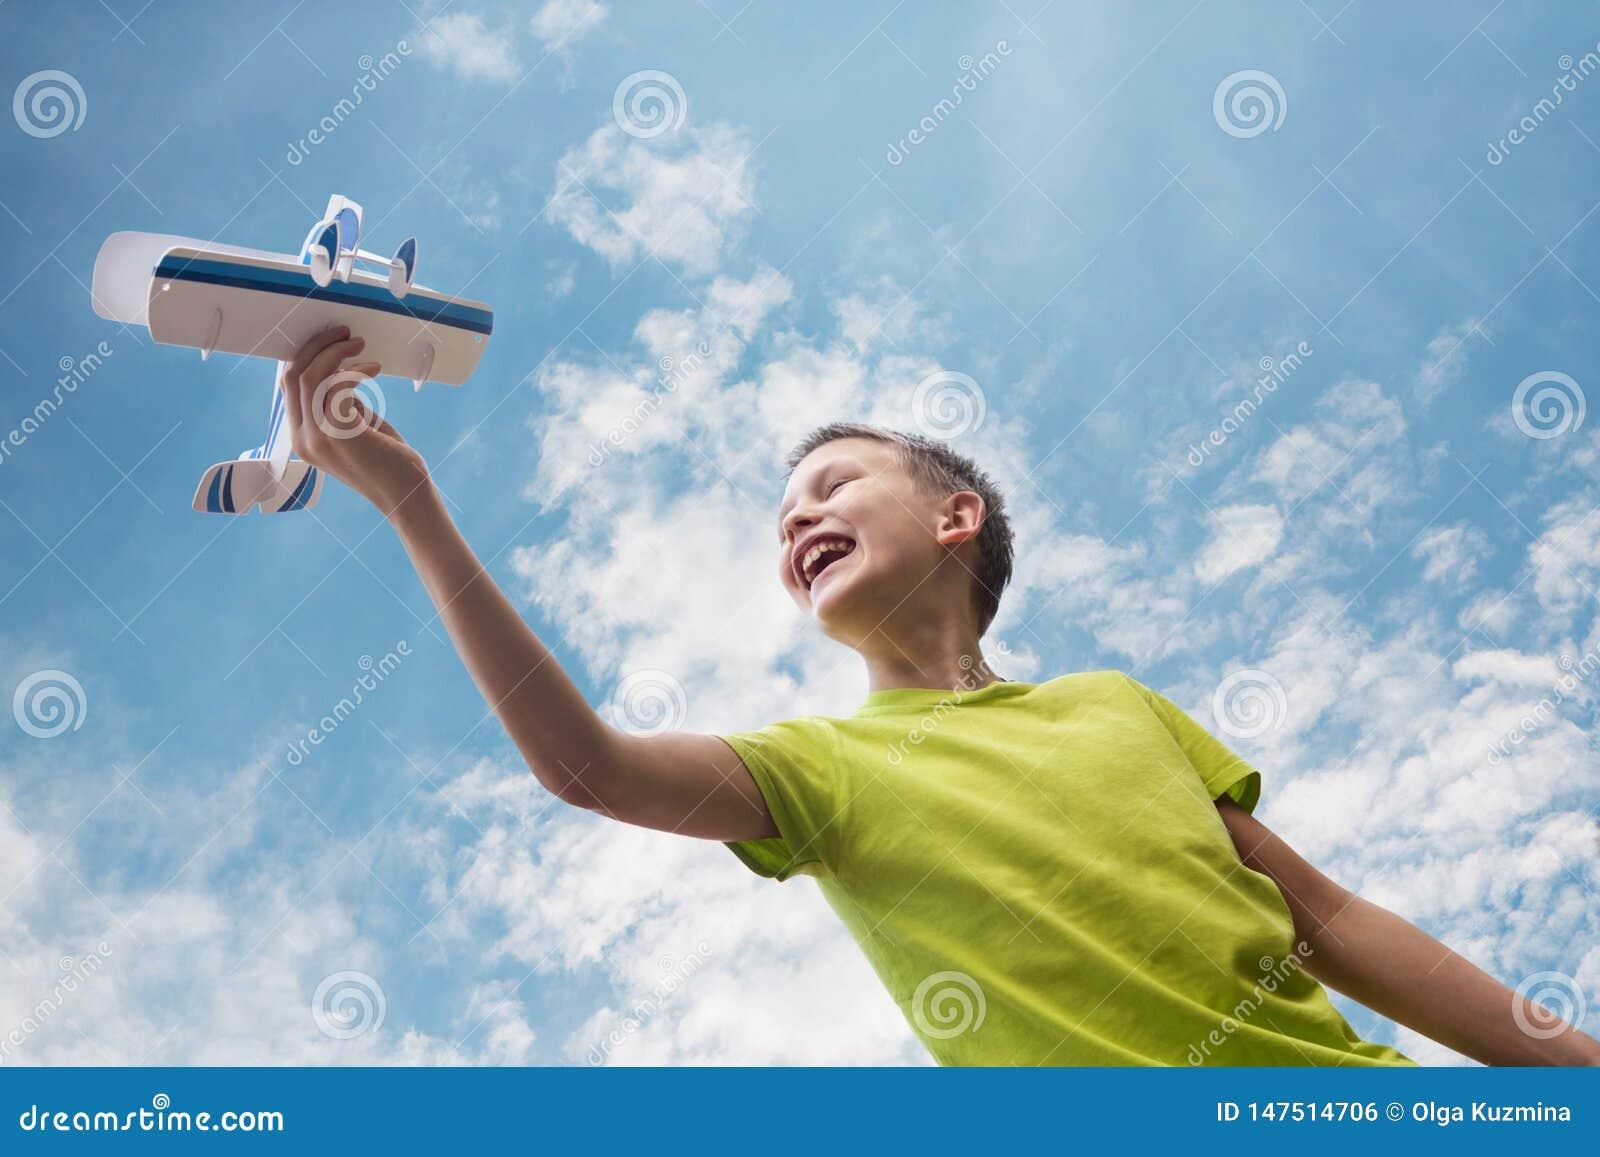 En pojke av det europeiska utseendet med ett flygplan mot himlen med moln Ljusa sinnesr?relser Kopiera utrymme